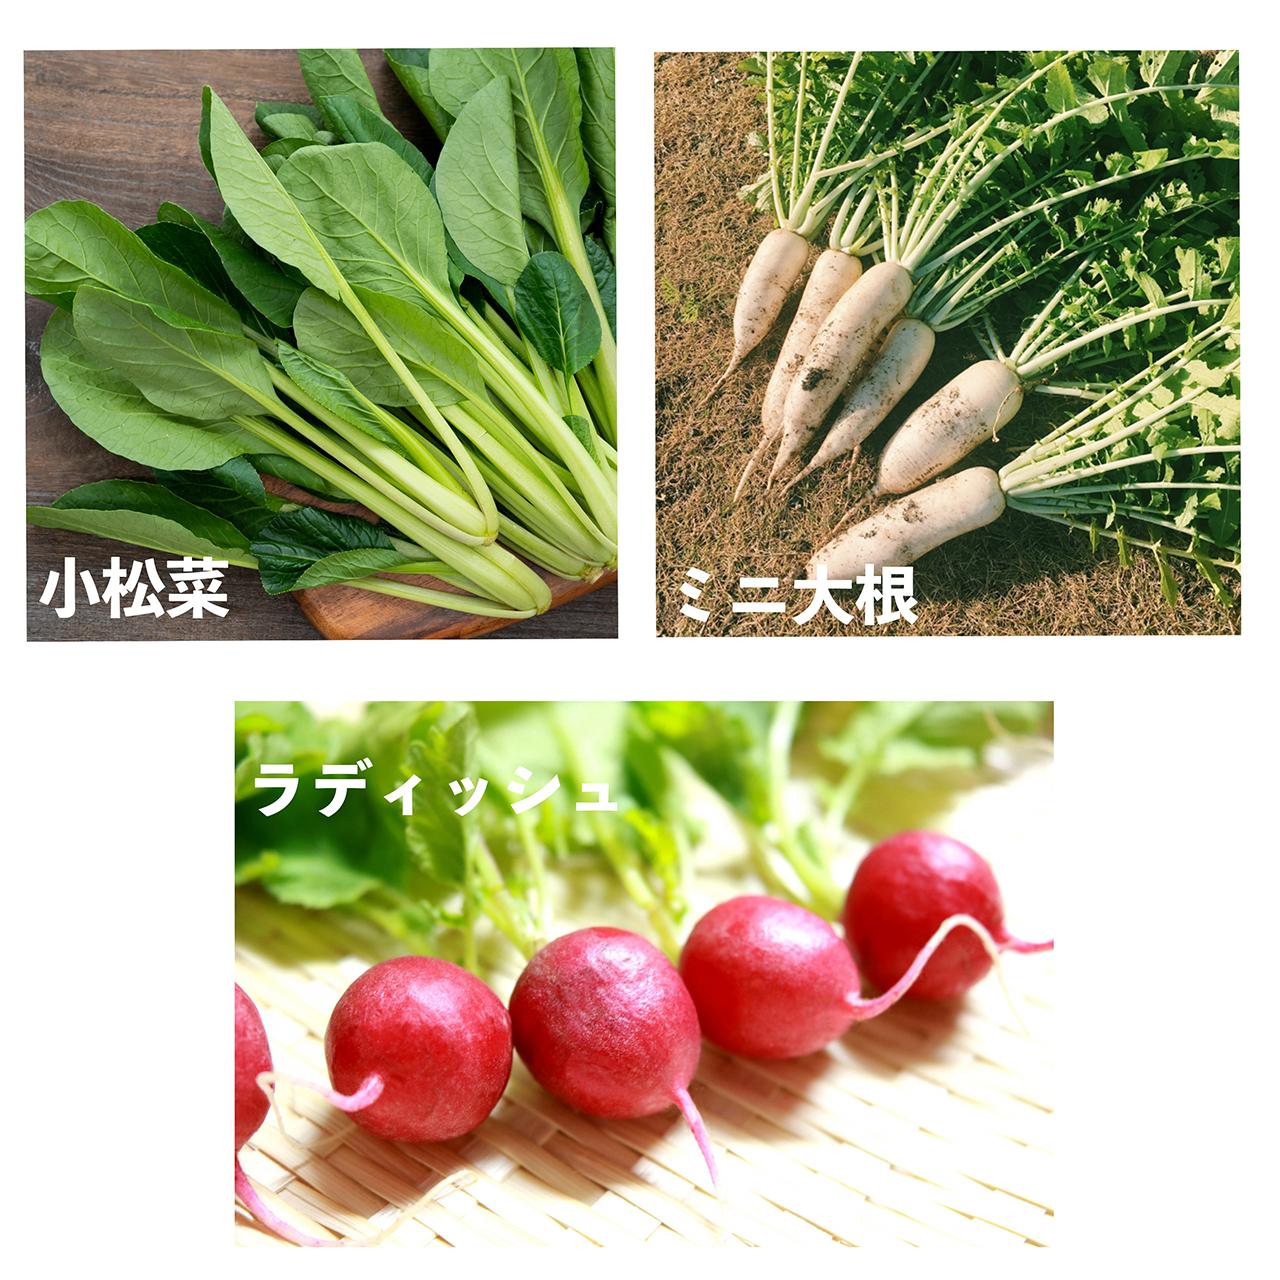 【お得!】セットプラン①(ラディッシュ・小松菜・ミニ大根)